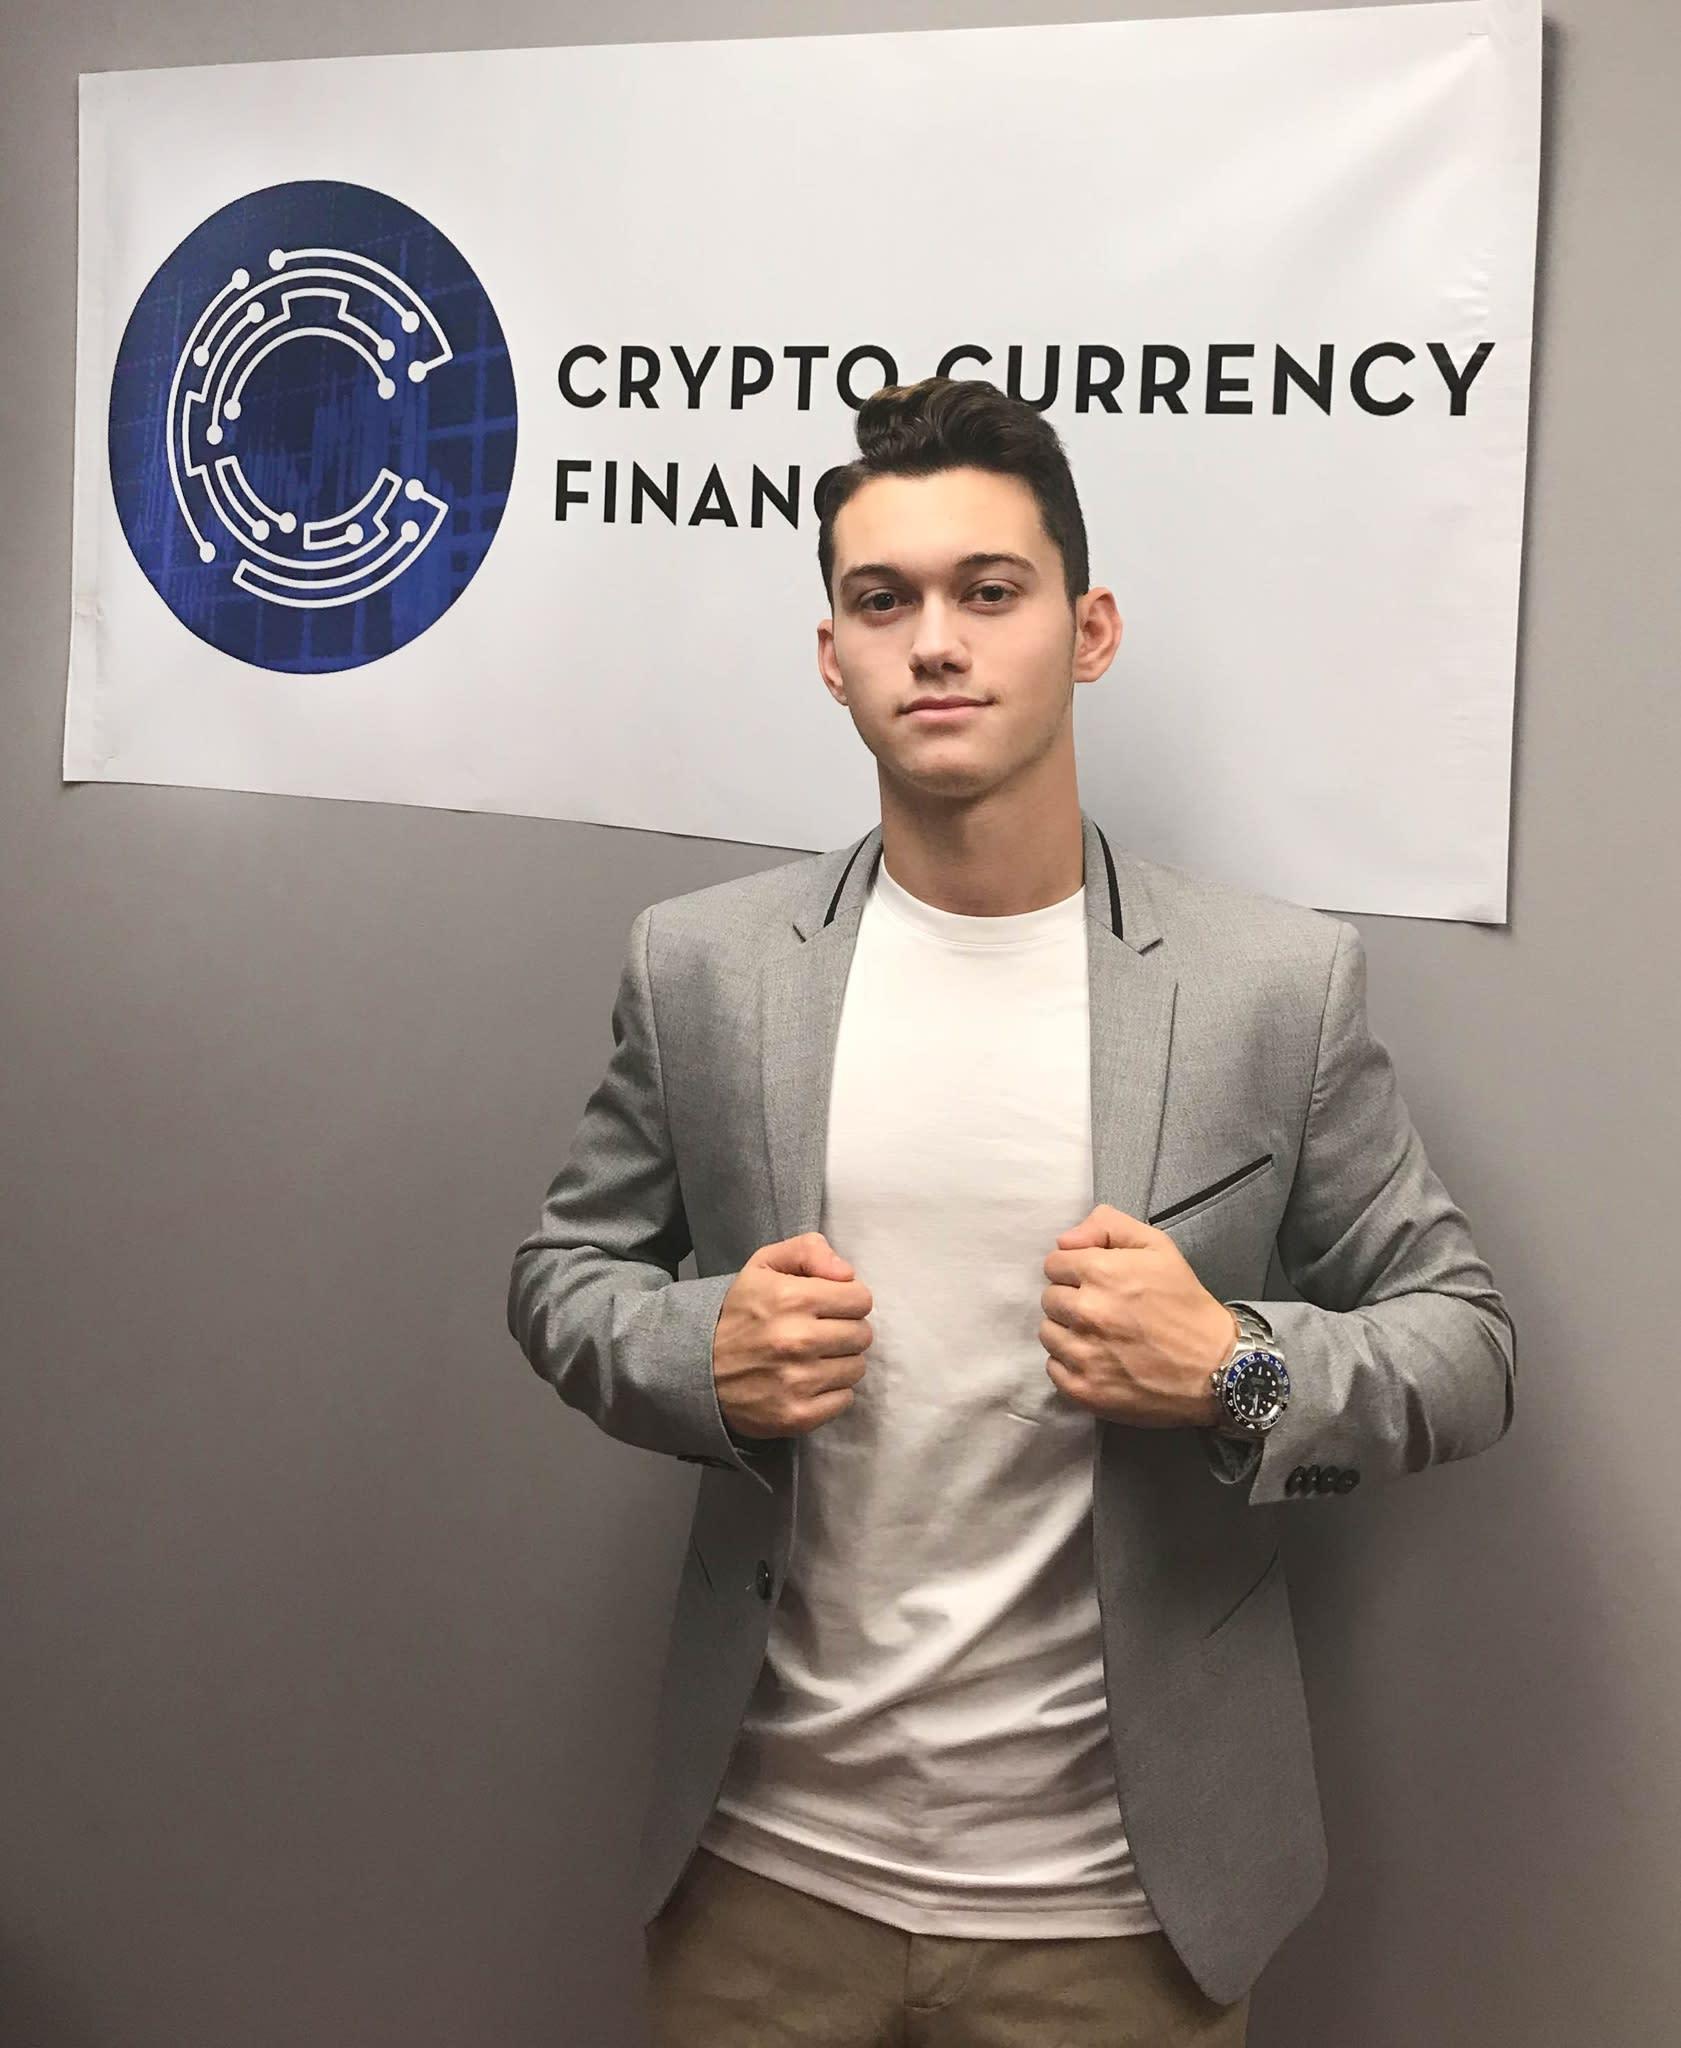 641a2c18 Meet 4 regular people who got rich from bitcoin